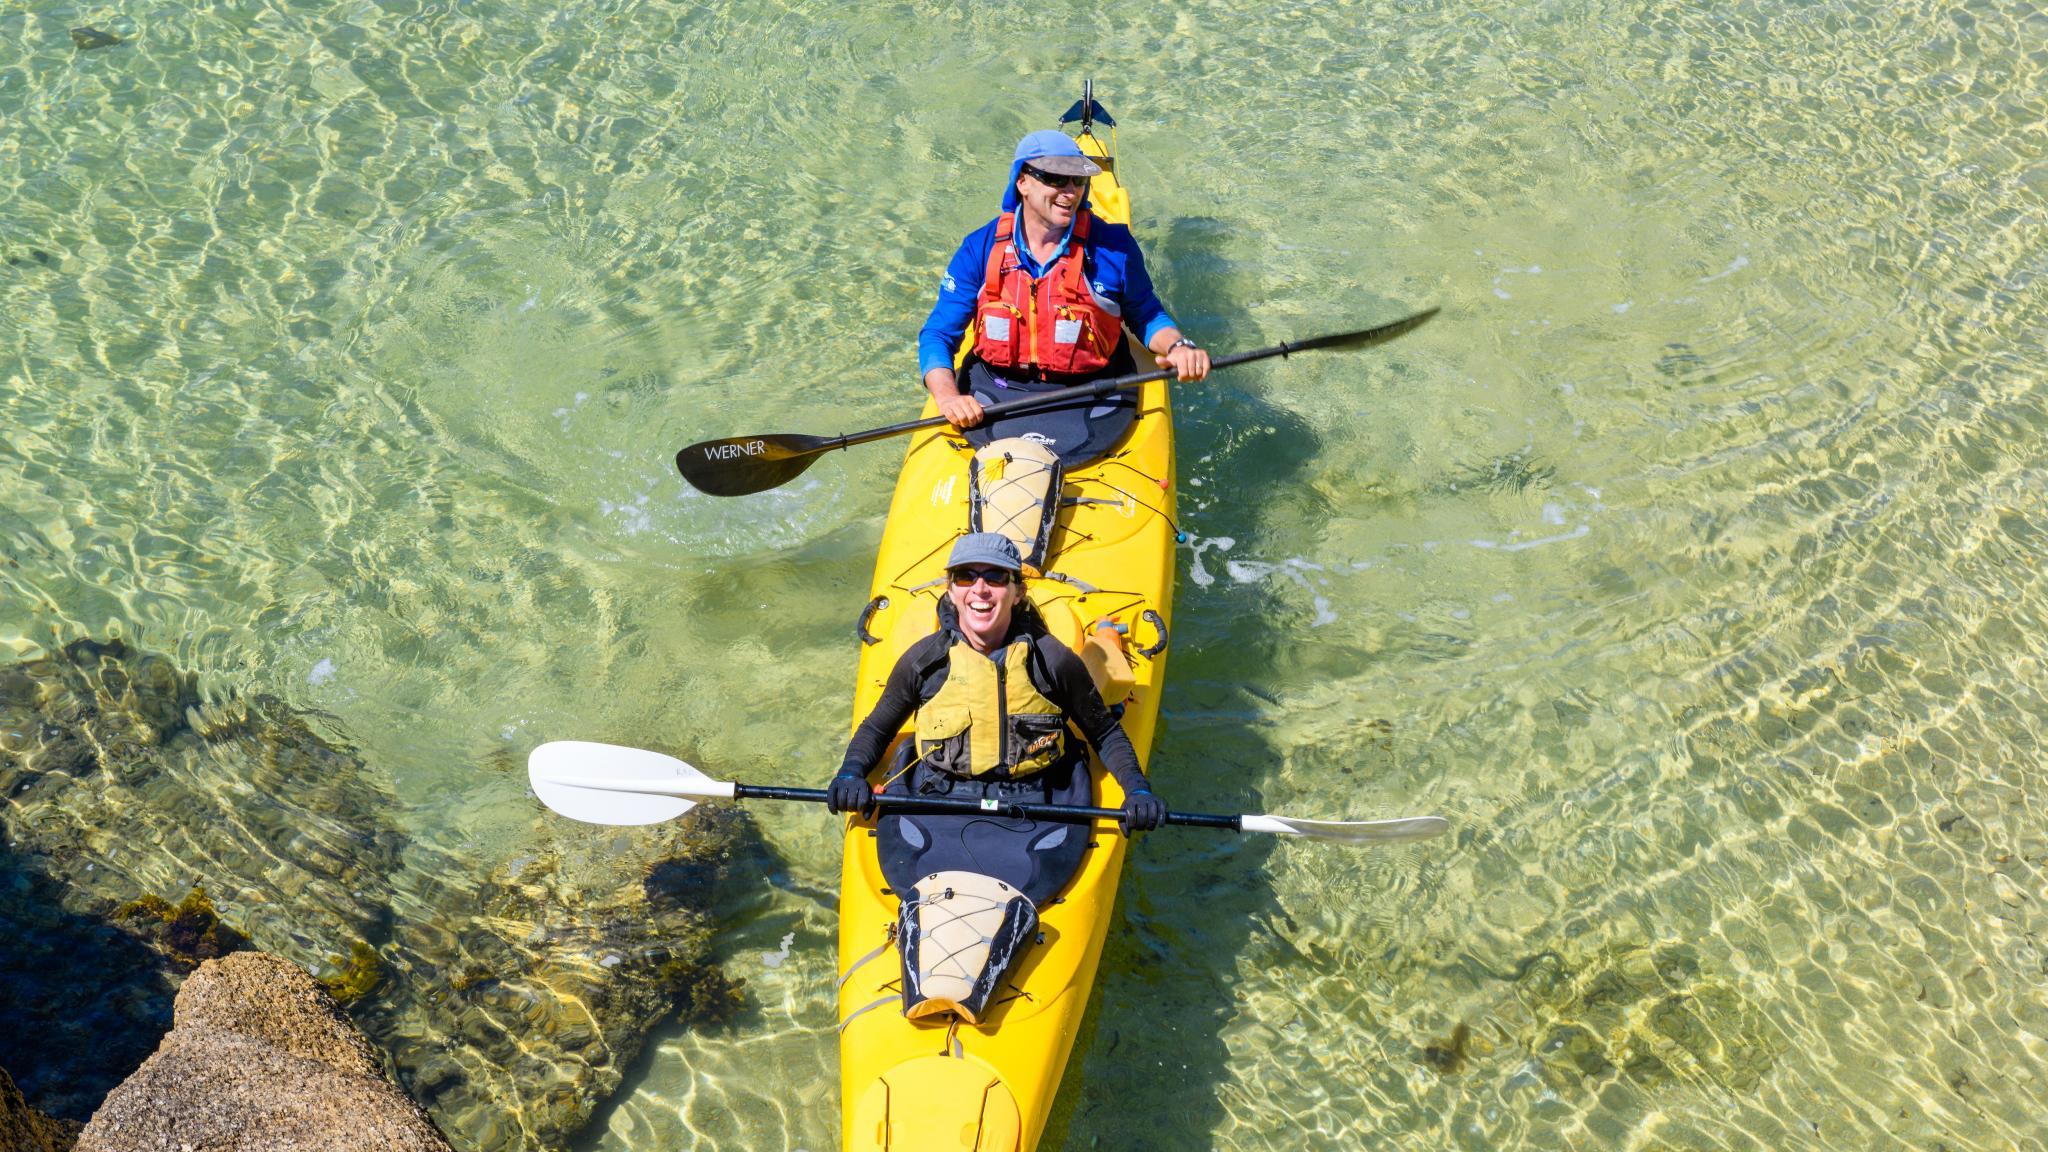 Roaring 40s Kayaking - Happy kayakers on a kayaking adventure Flinders Island